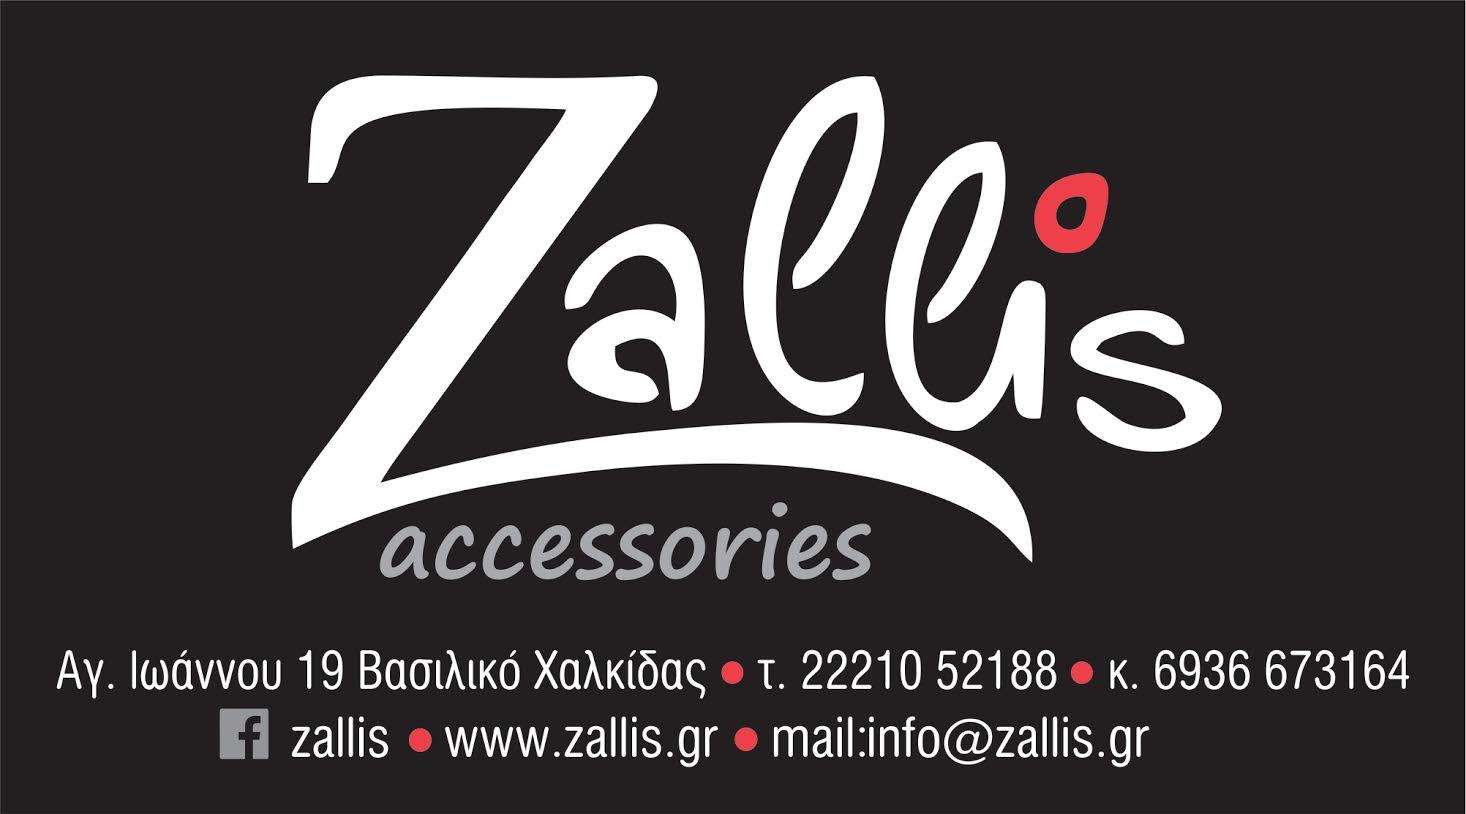 Zallis accessories Βασιλικό Χαλκίδας